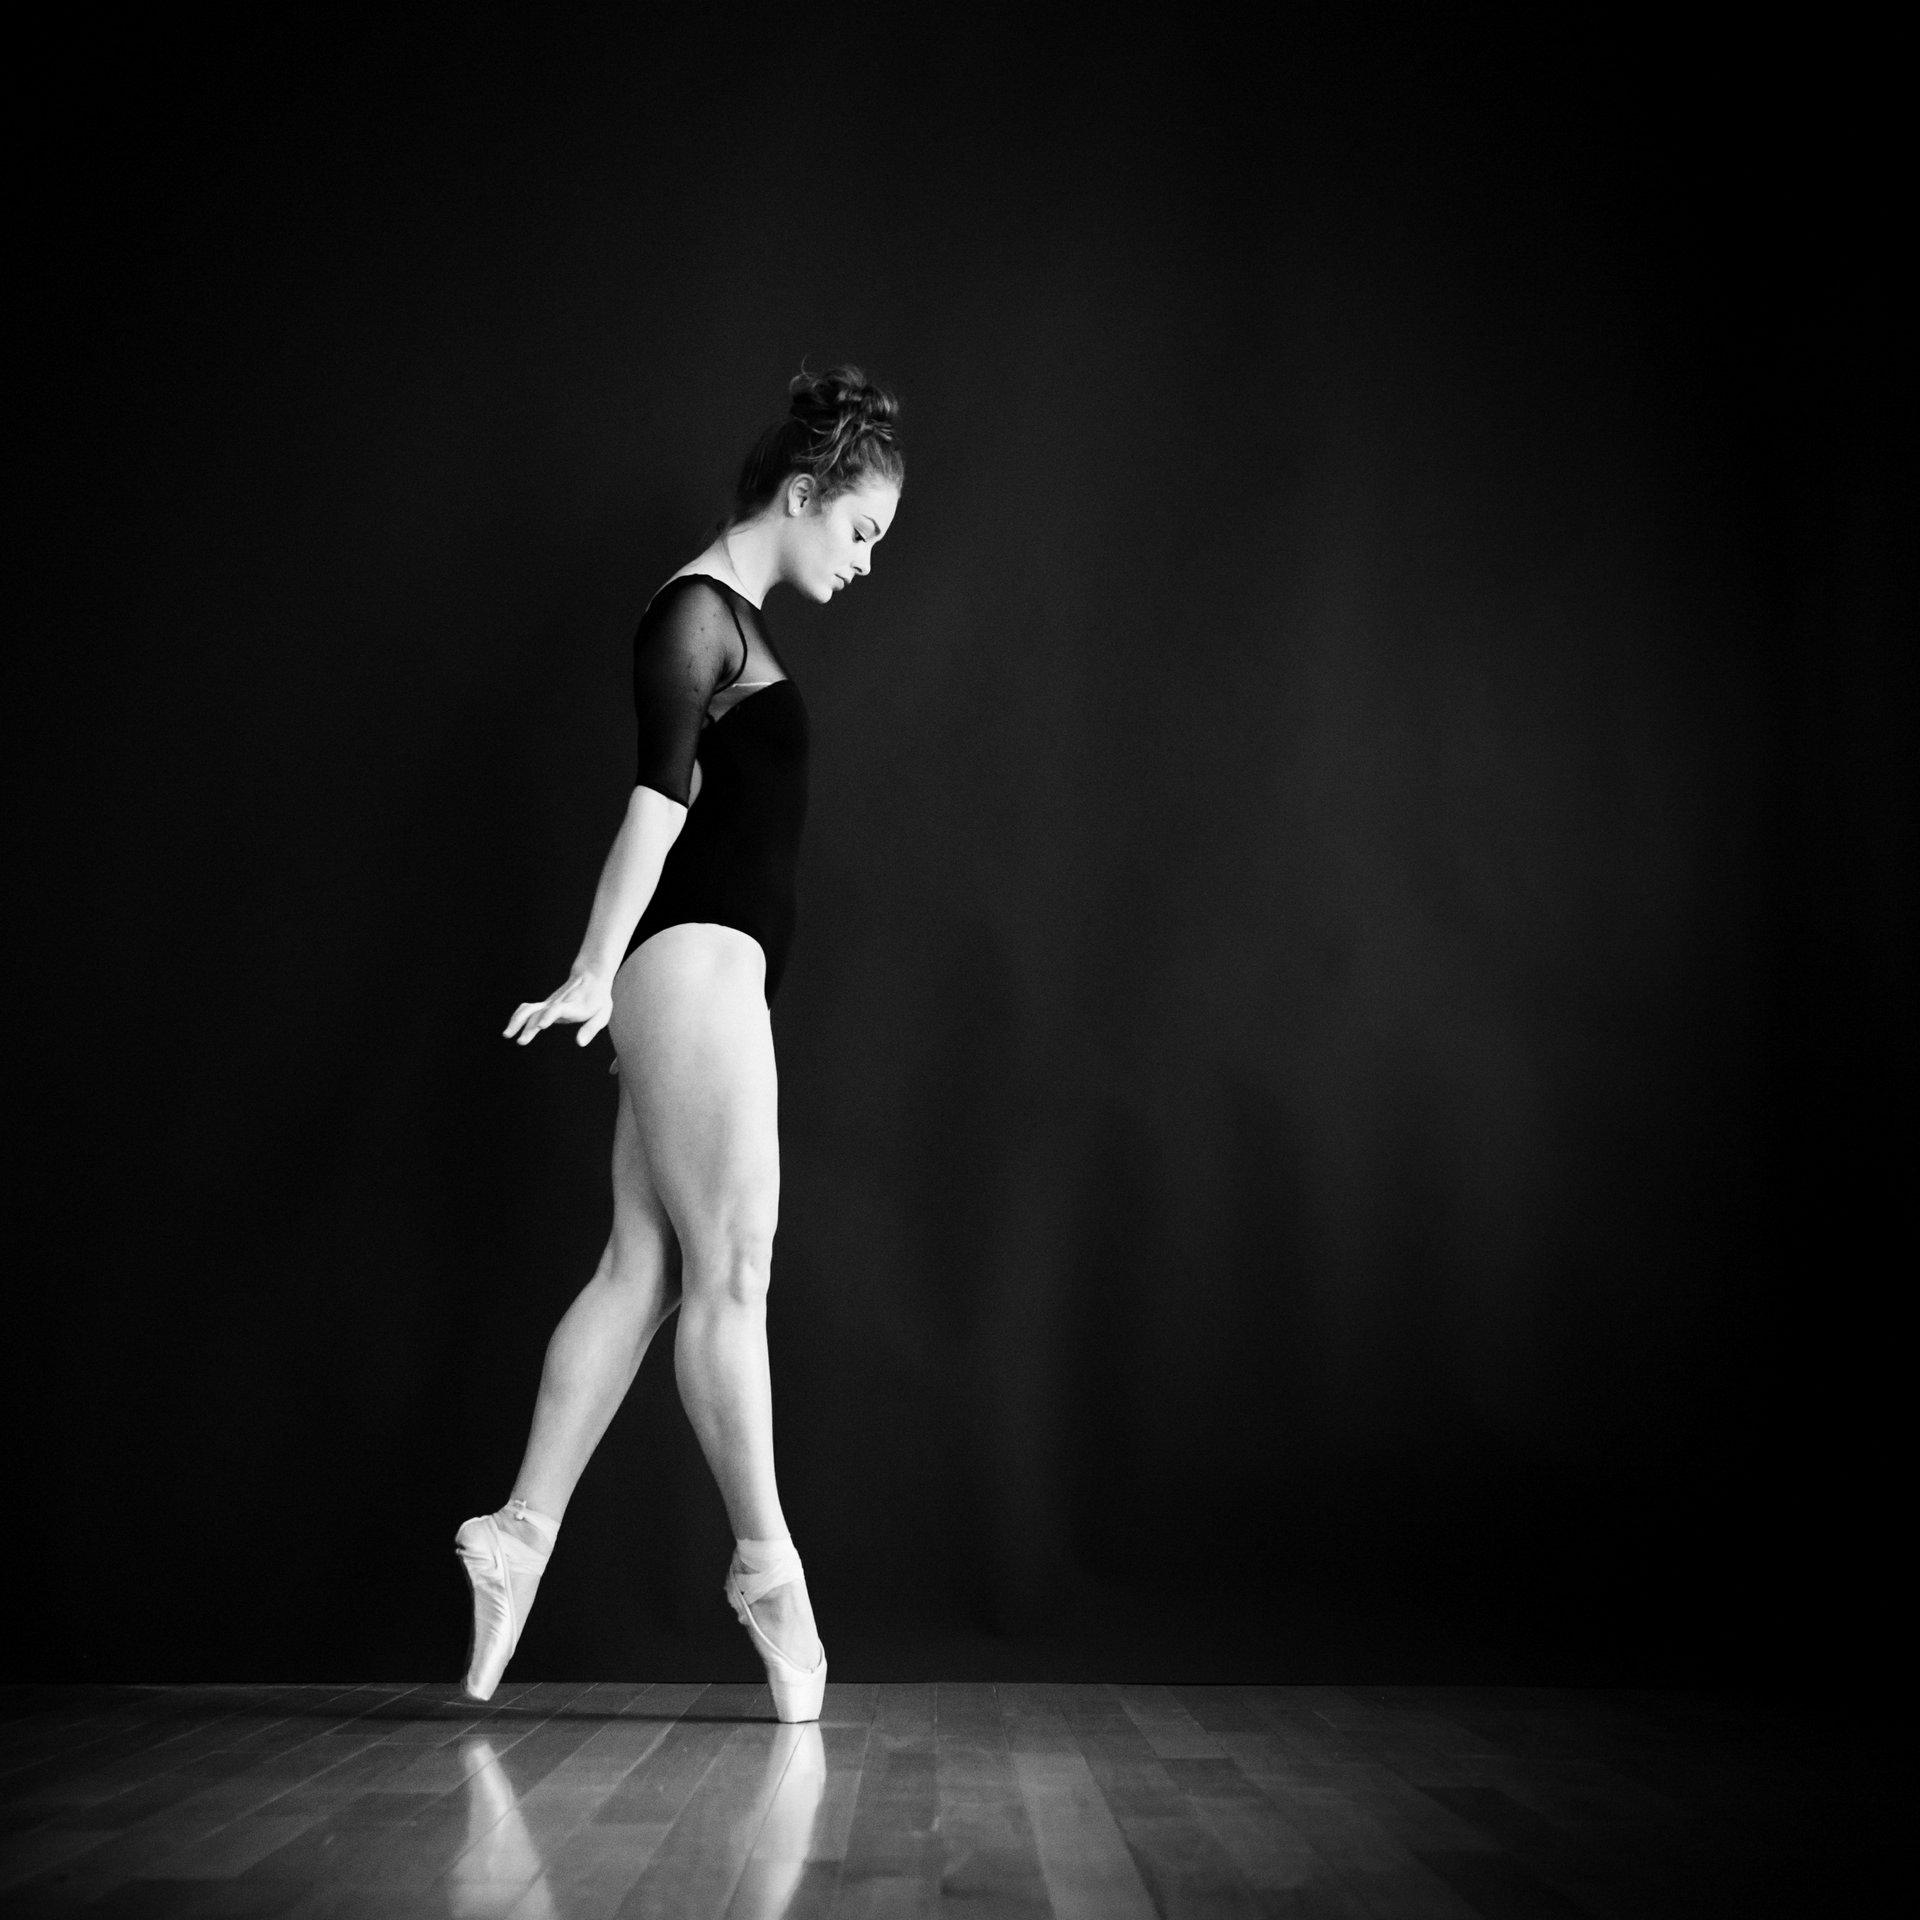 nEO_IMG_Marissa Dance-28-BW.jpg